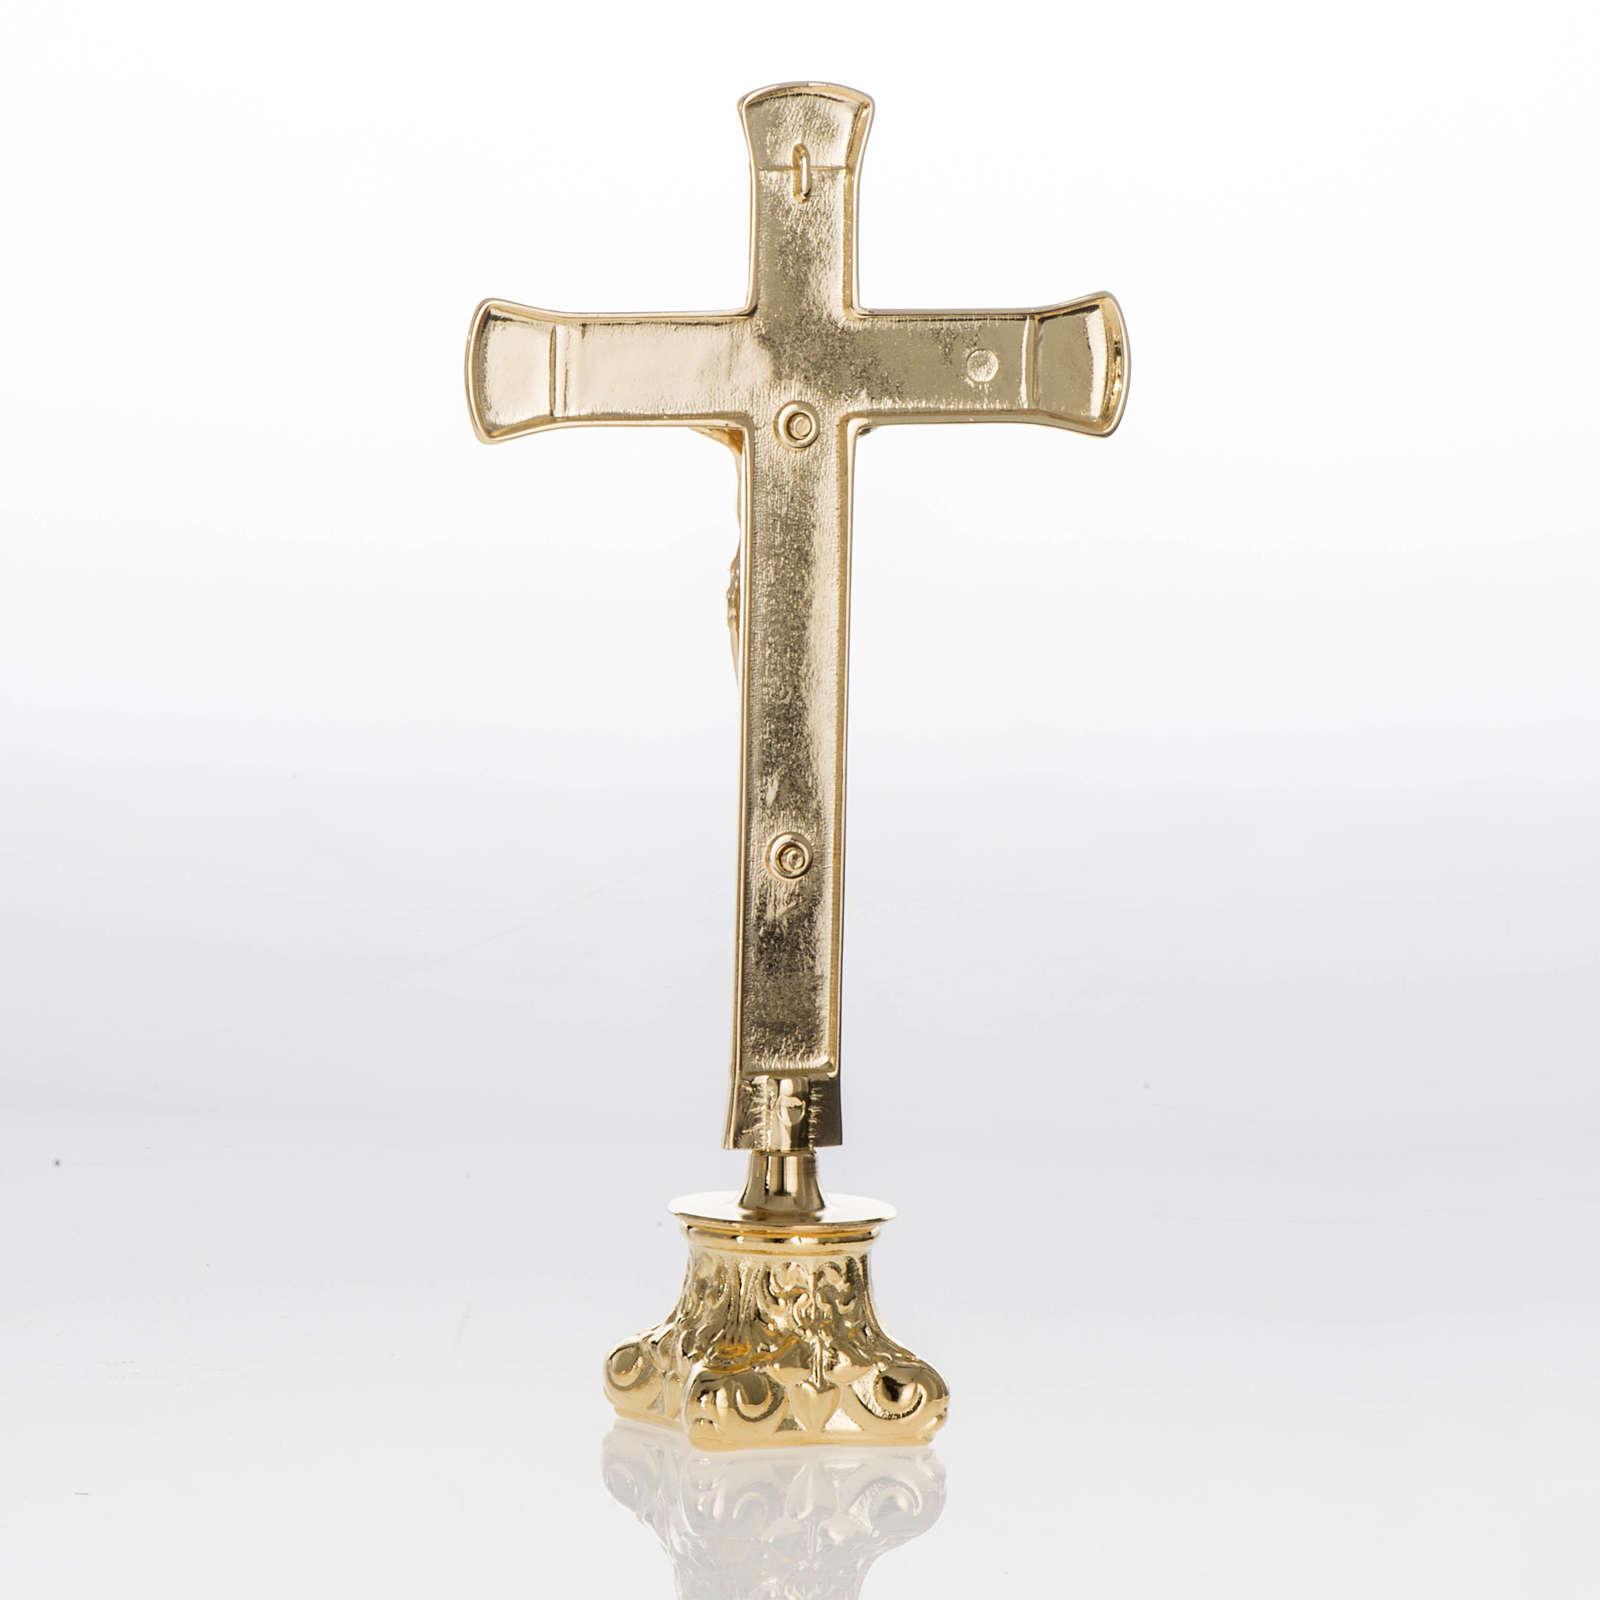 Completo para altar 3 piezas de latón 4